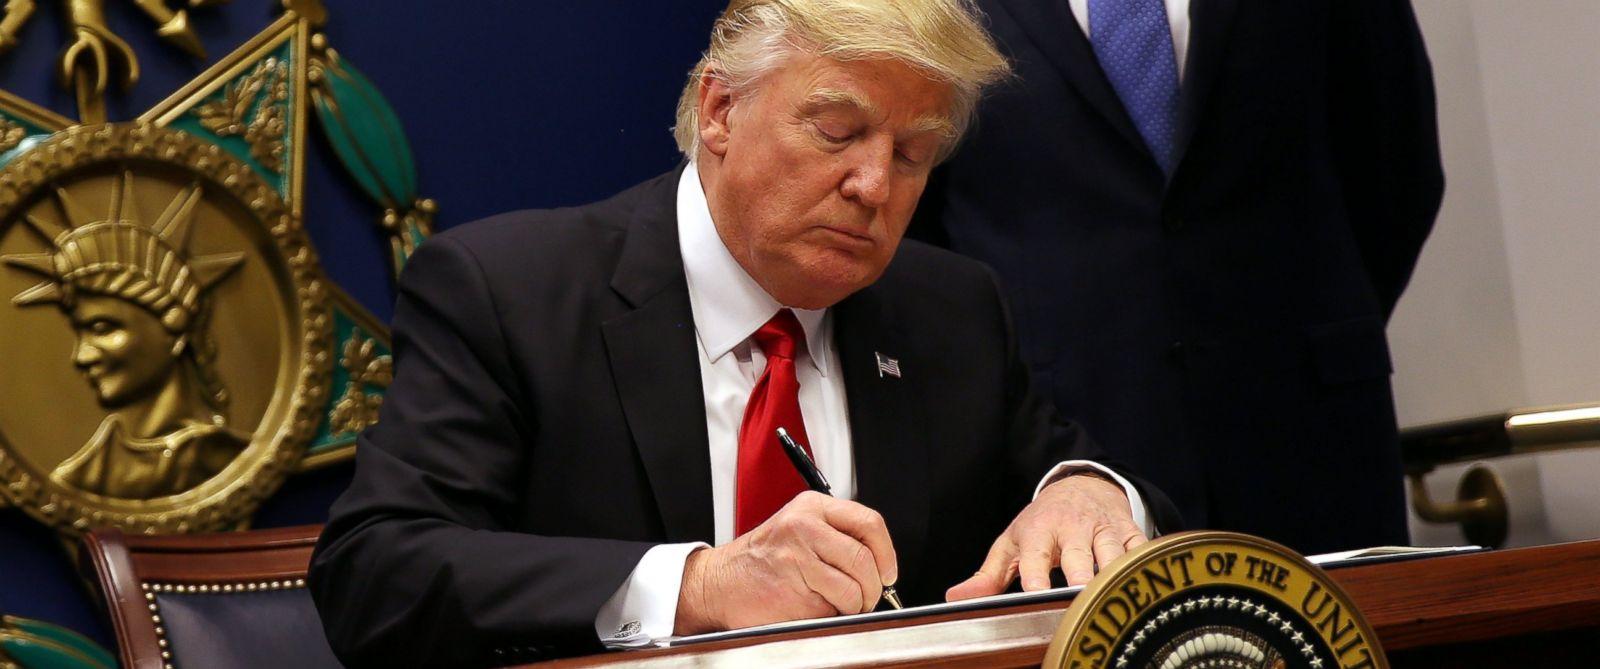 RTR-Trump-ImmigrationEO-jrl-170131_12x5_1600_1498566648702.jpg